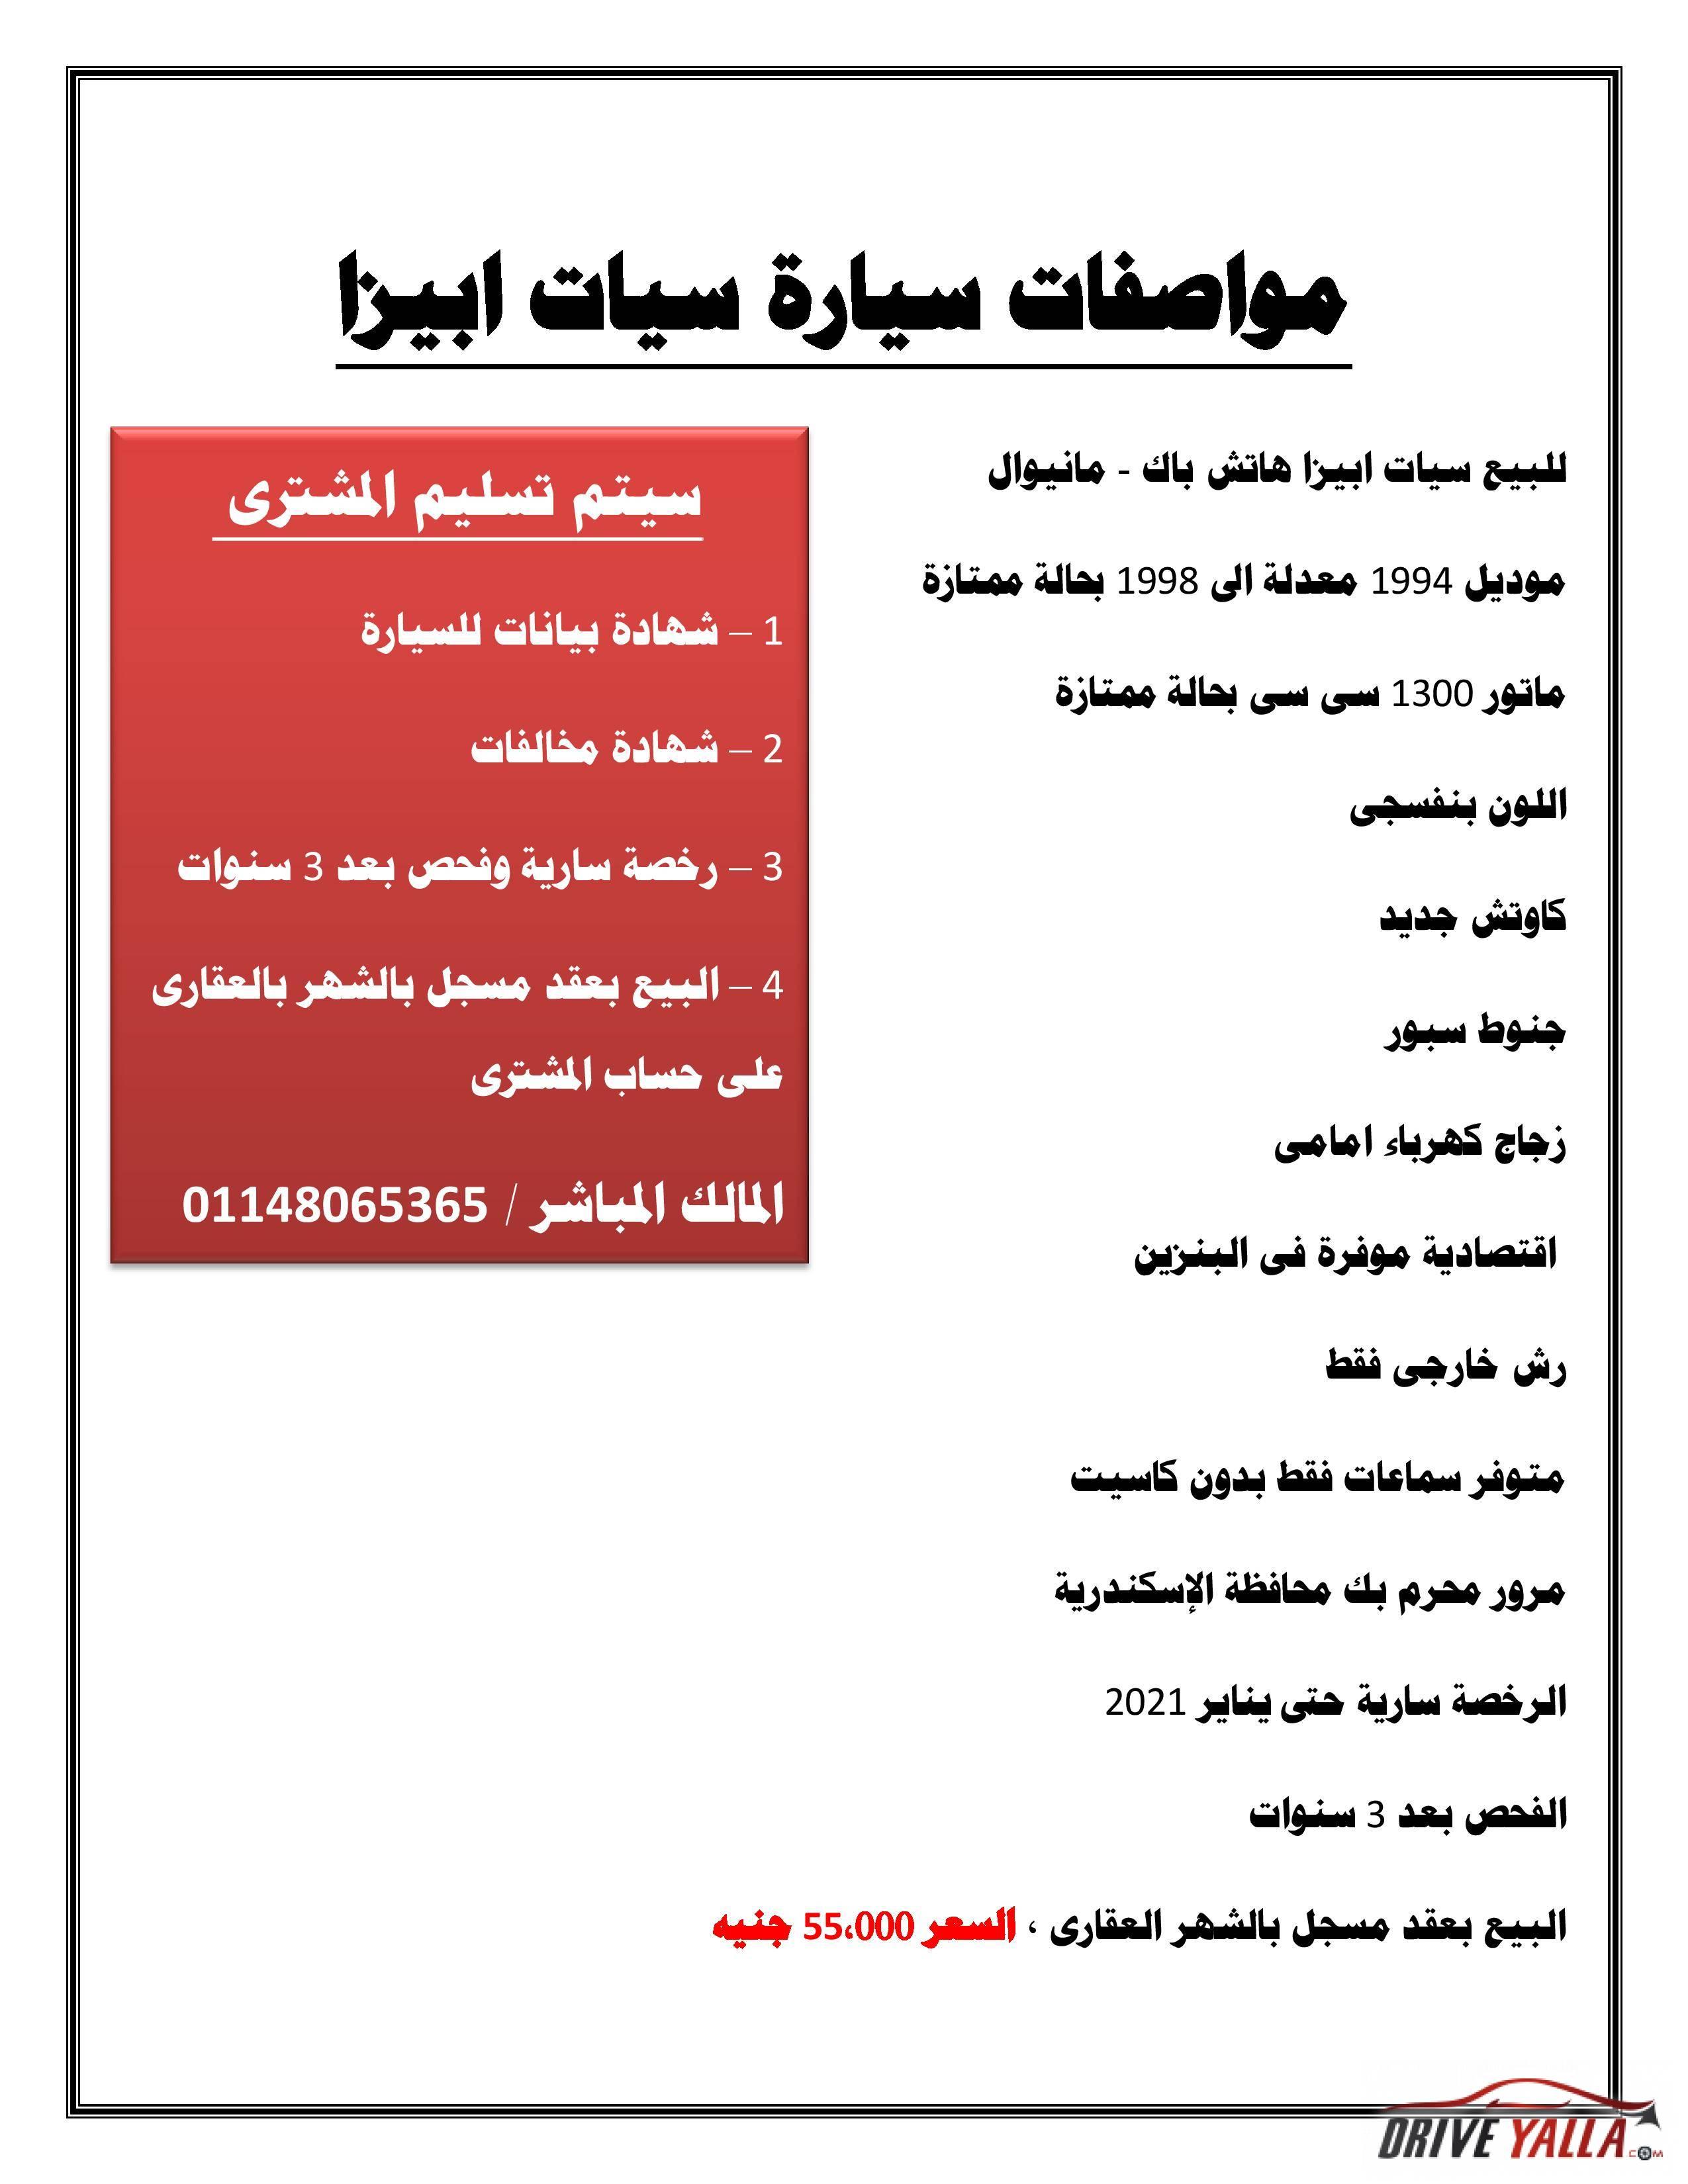 سيات ابيزا مستعملة للبيع فى مصر 1994